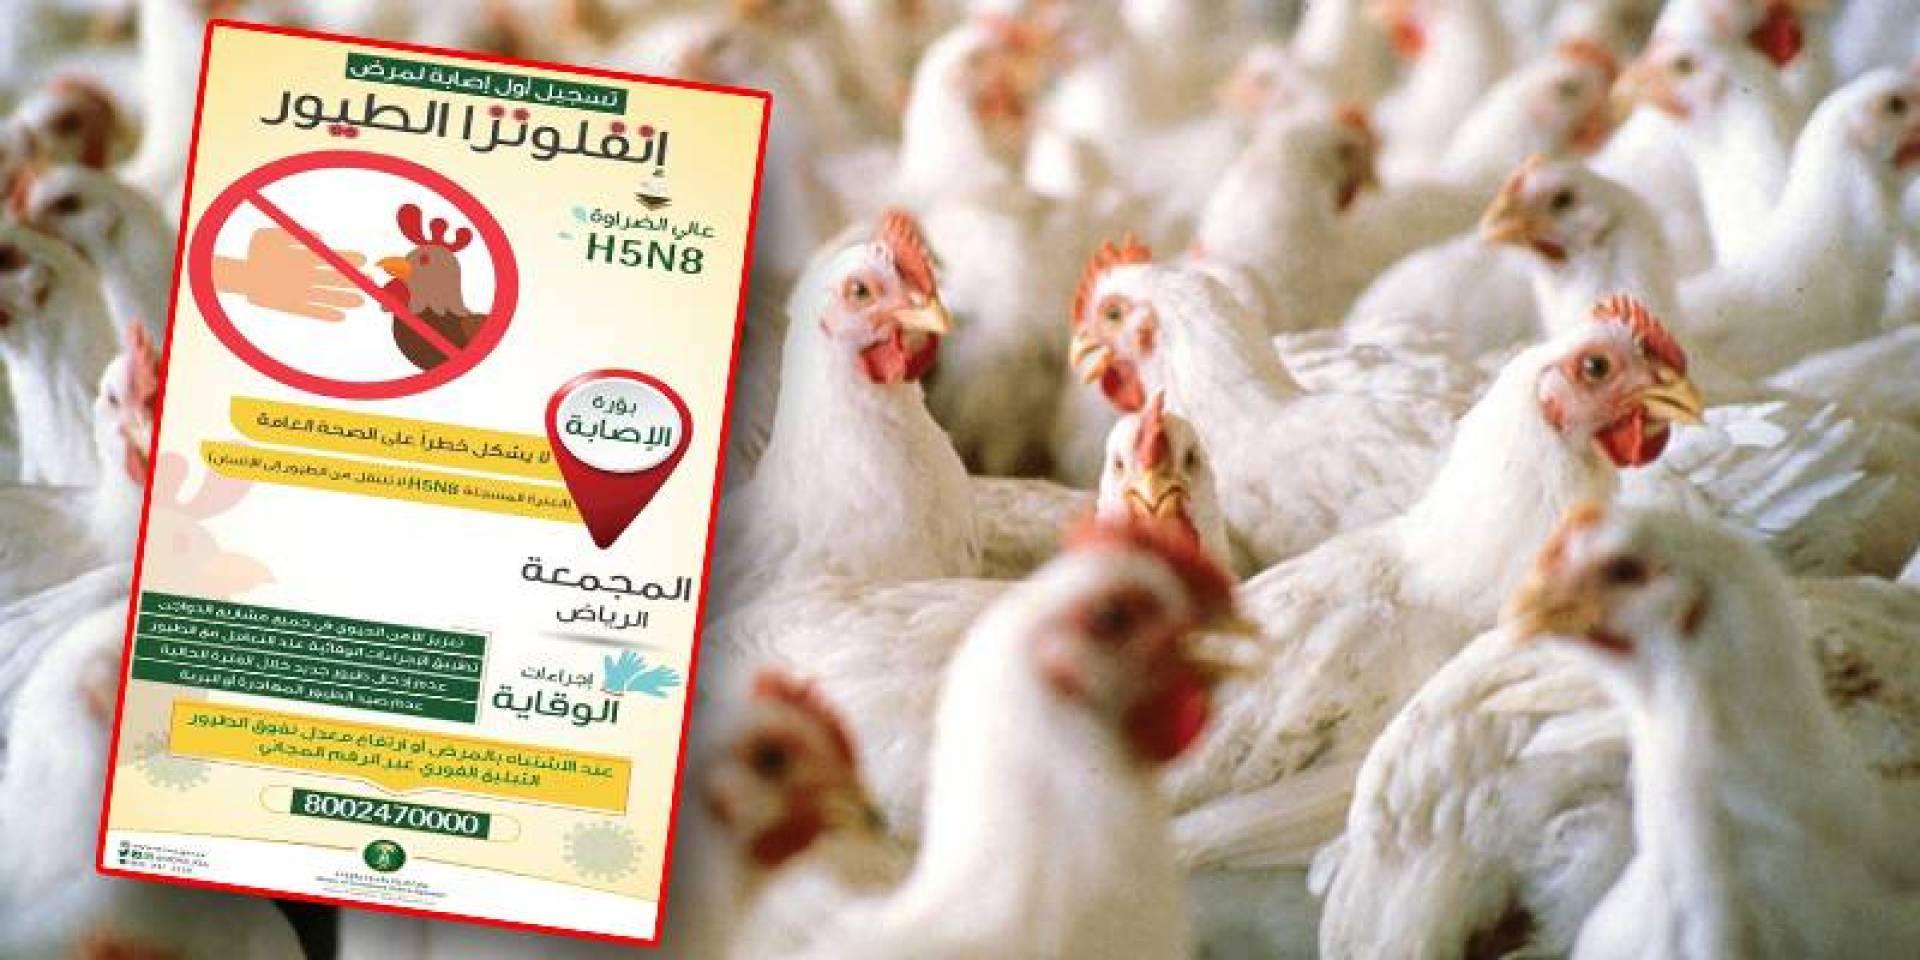 السعودية: تسجيل إصابة بإنفلونزا الطيور بالرياض لا يشكل خطراً